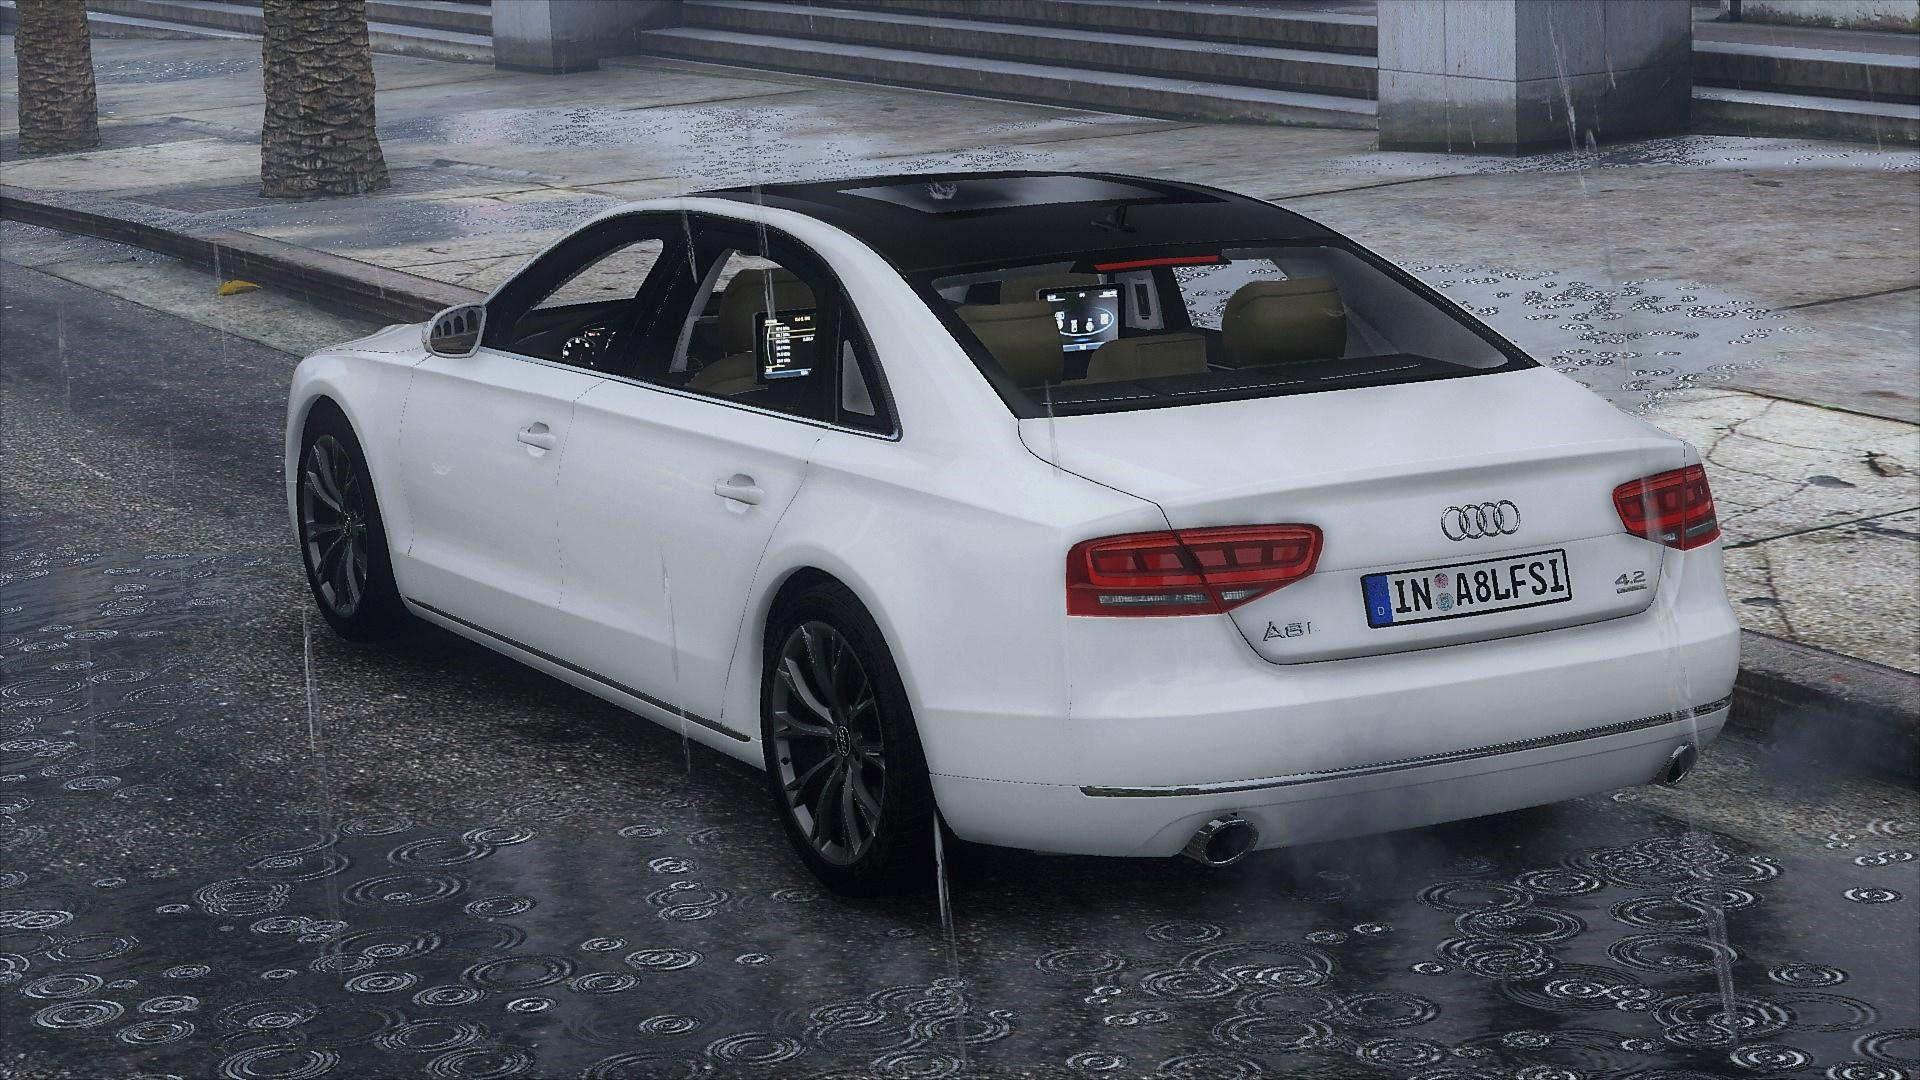 2010 Audi A8 L 4.2 FSI Quattro (D4) [Add-On